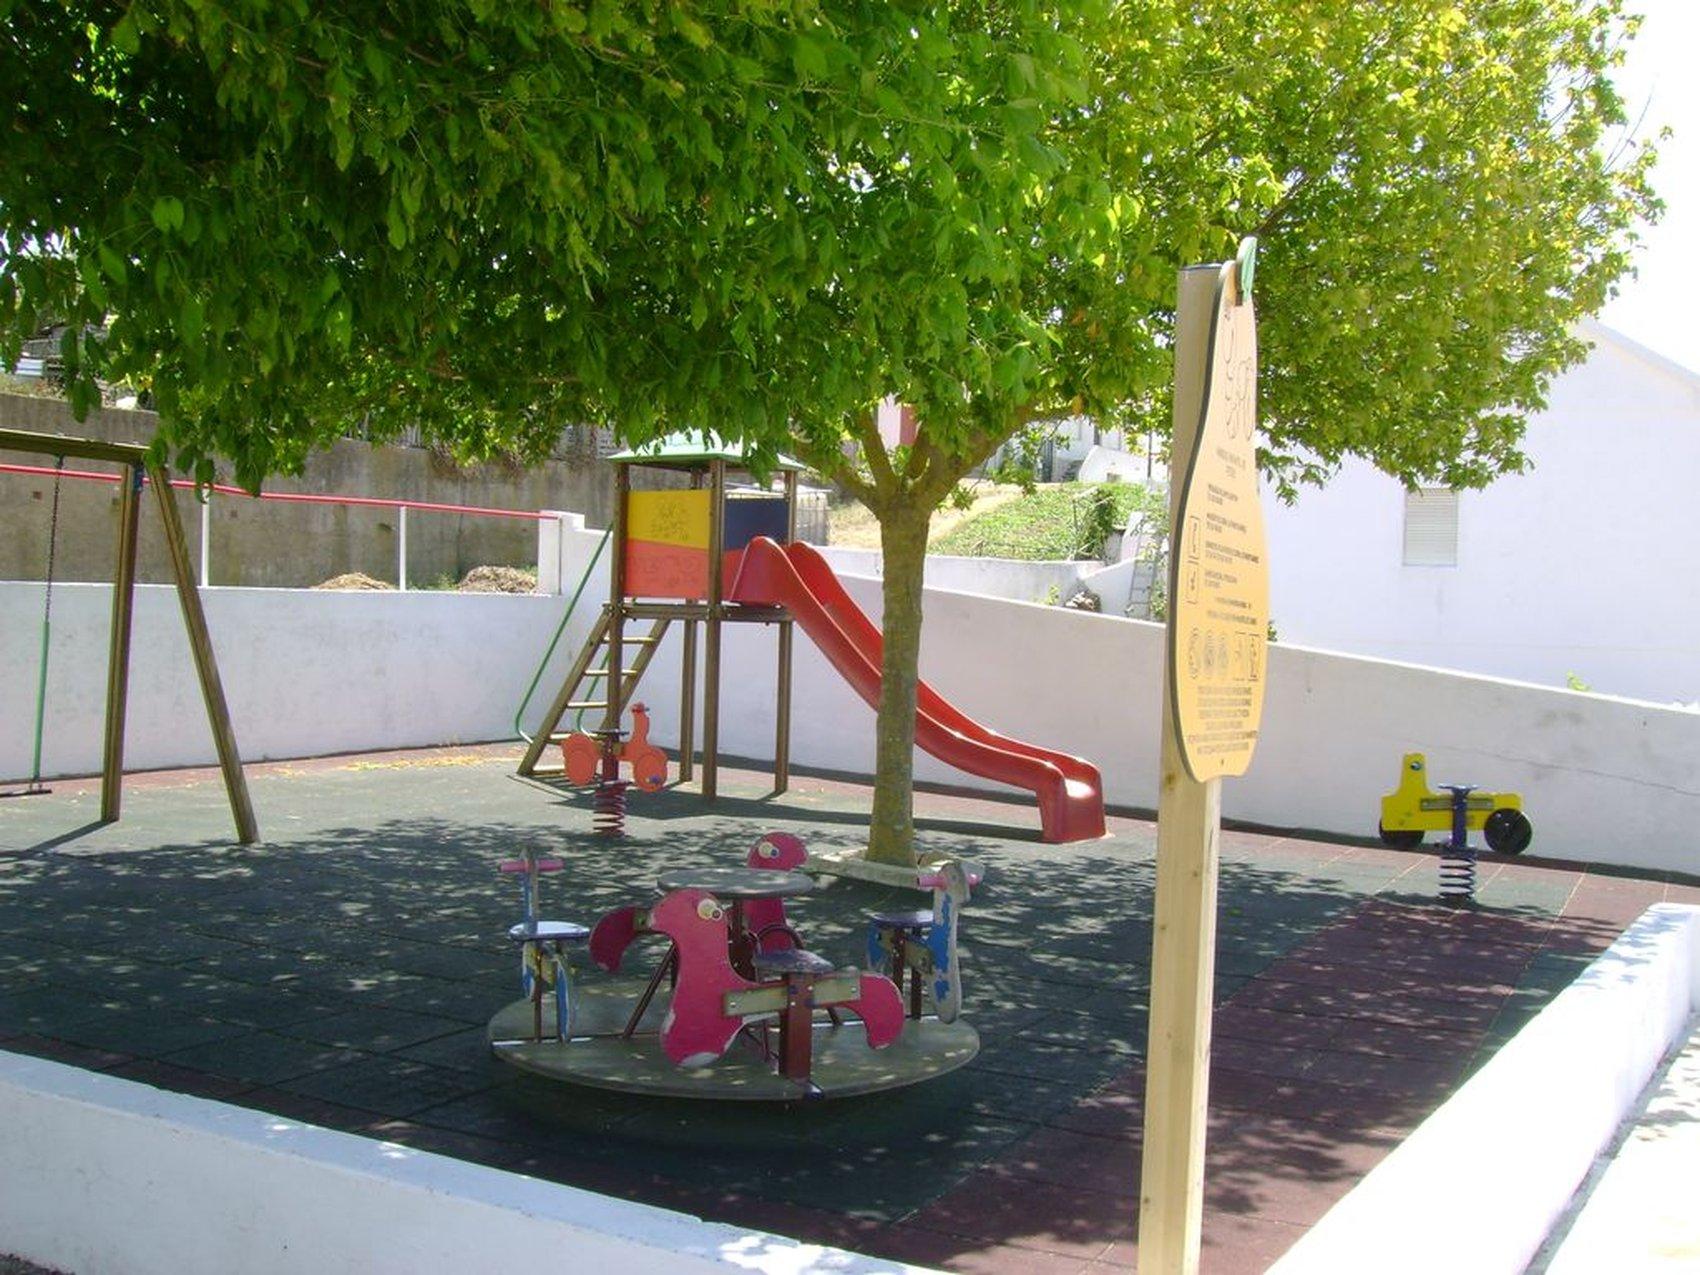 parque infantil fetais1